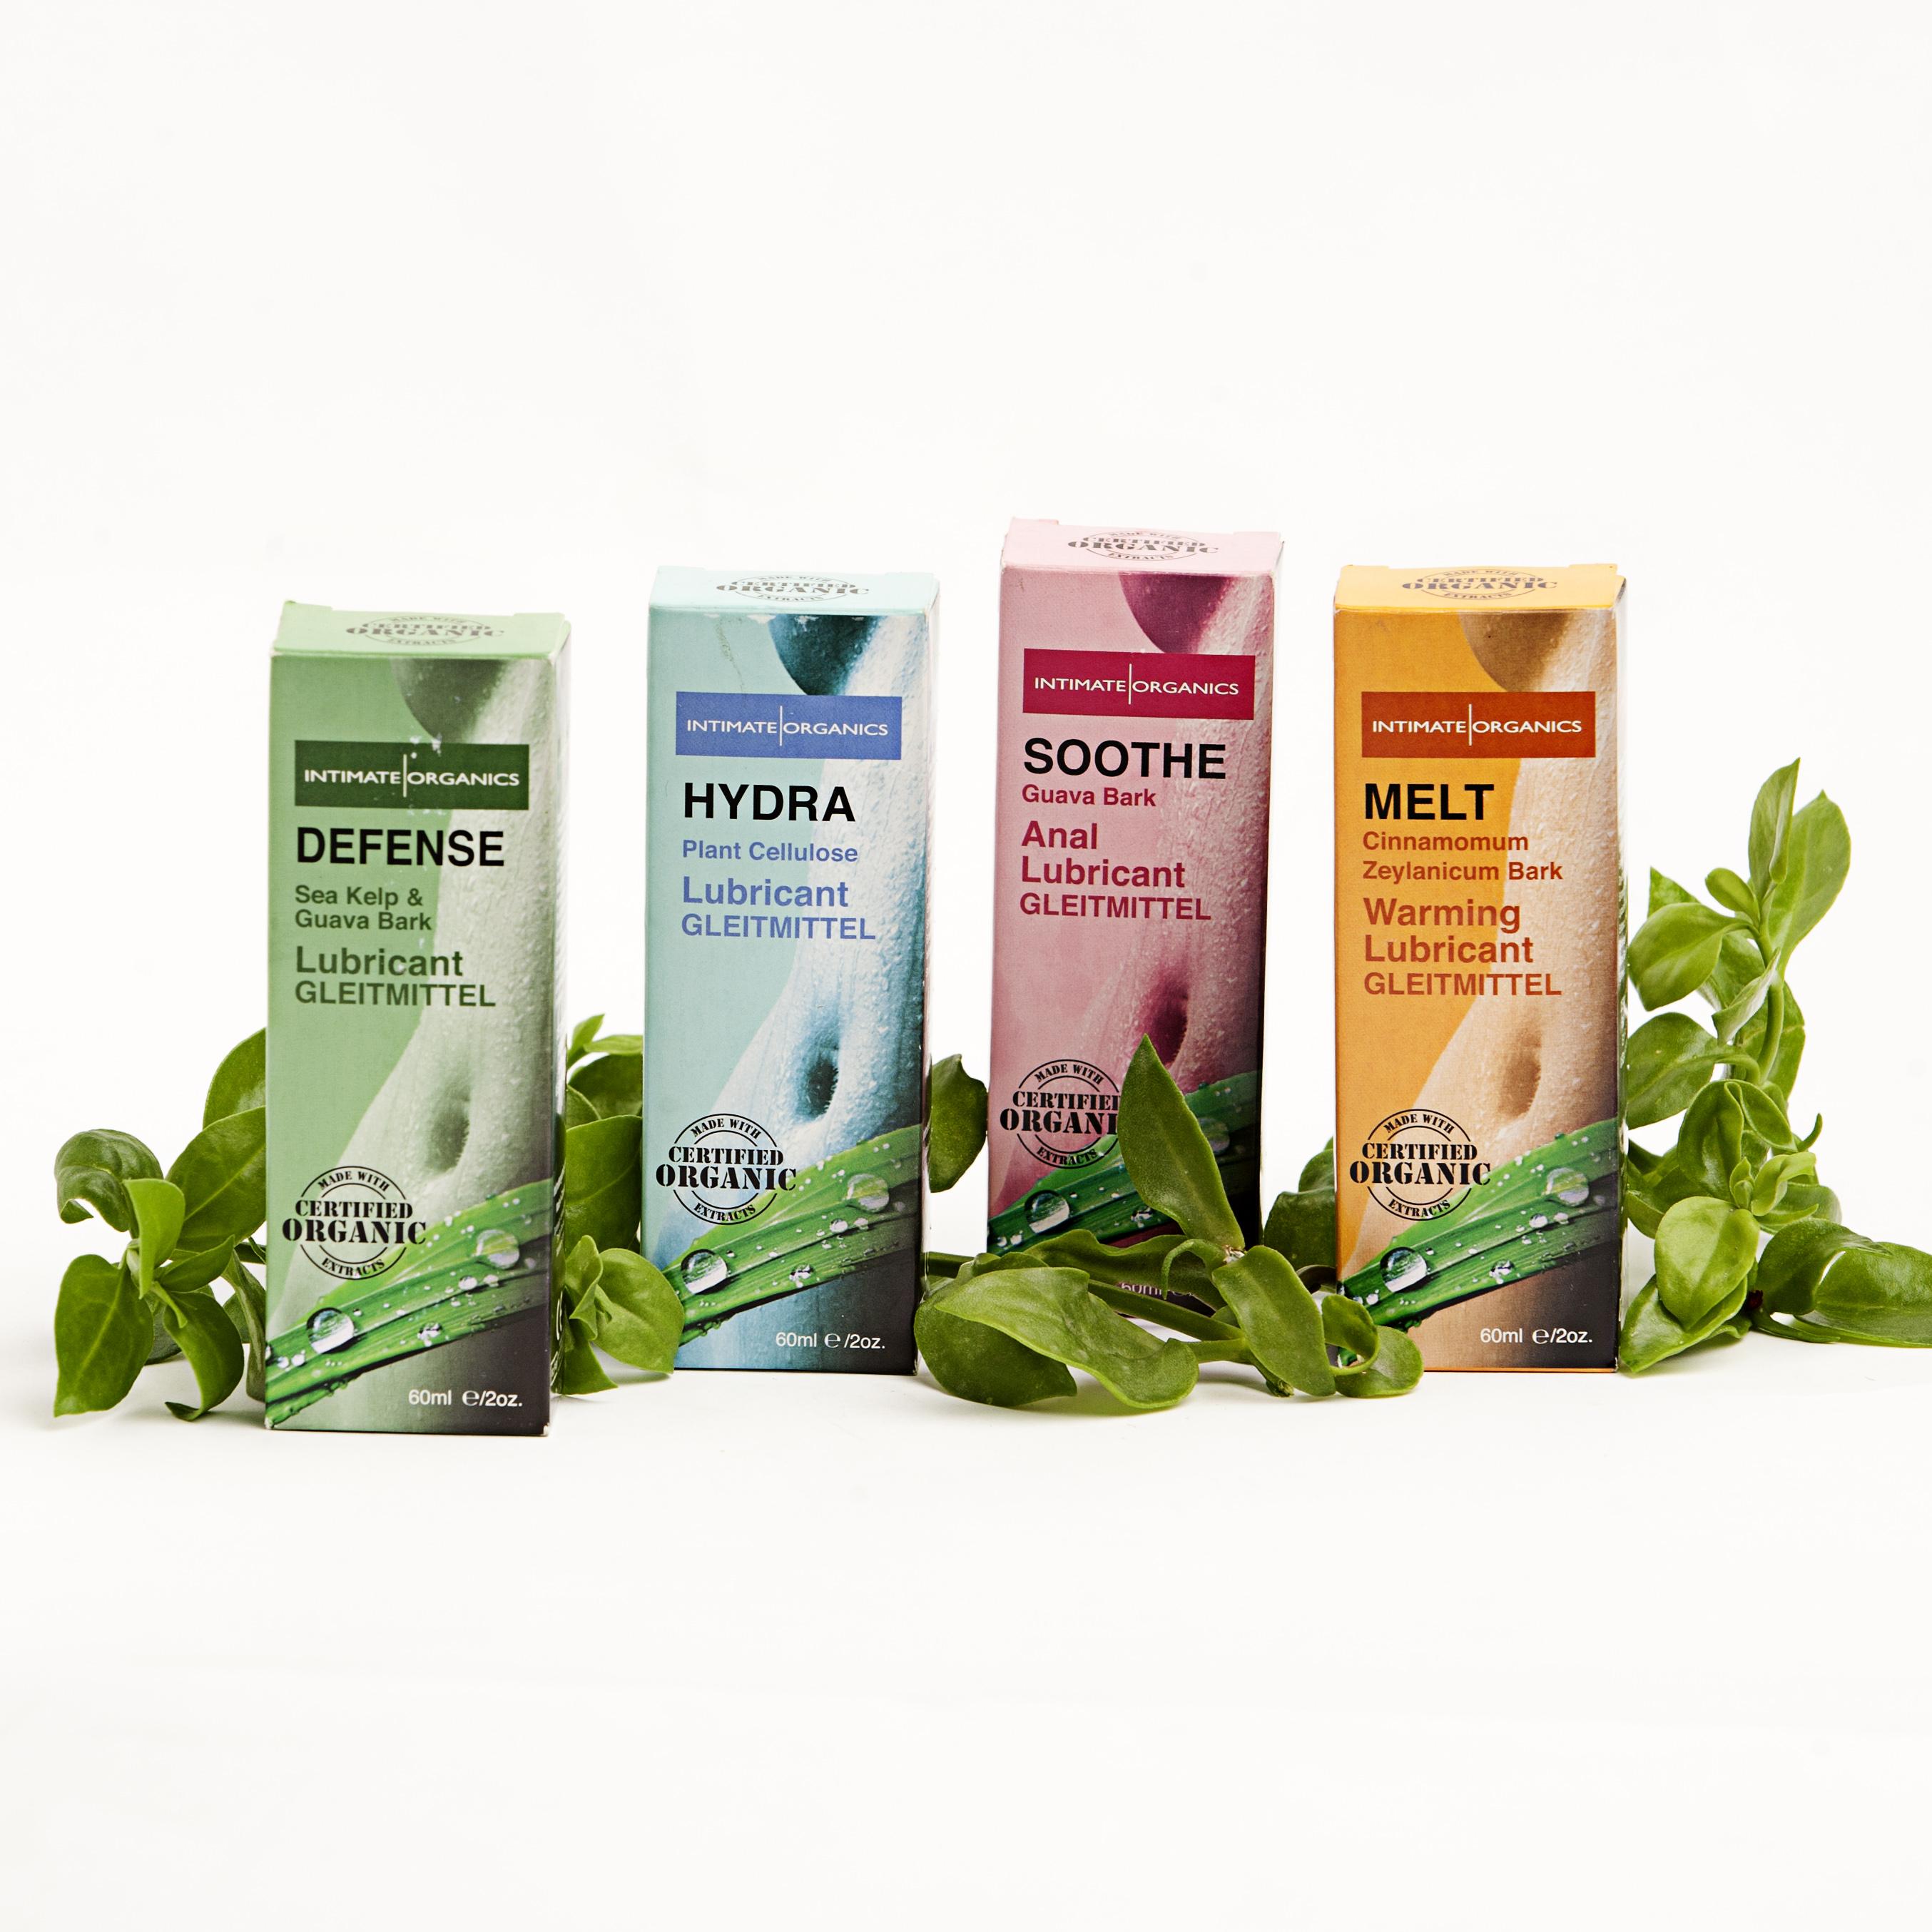 Línea de lubricantes intimate organics